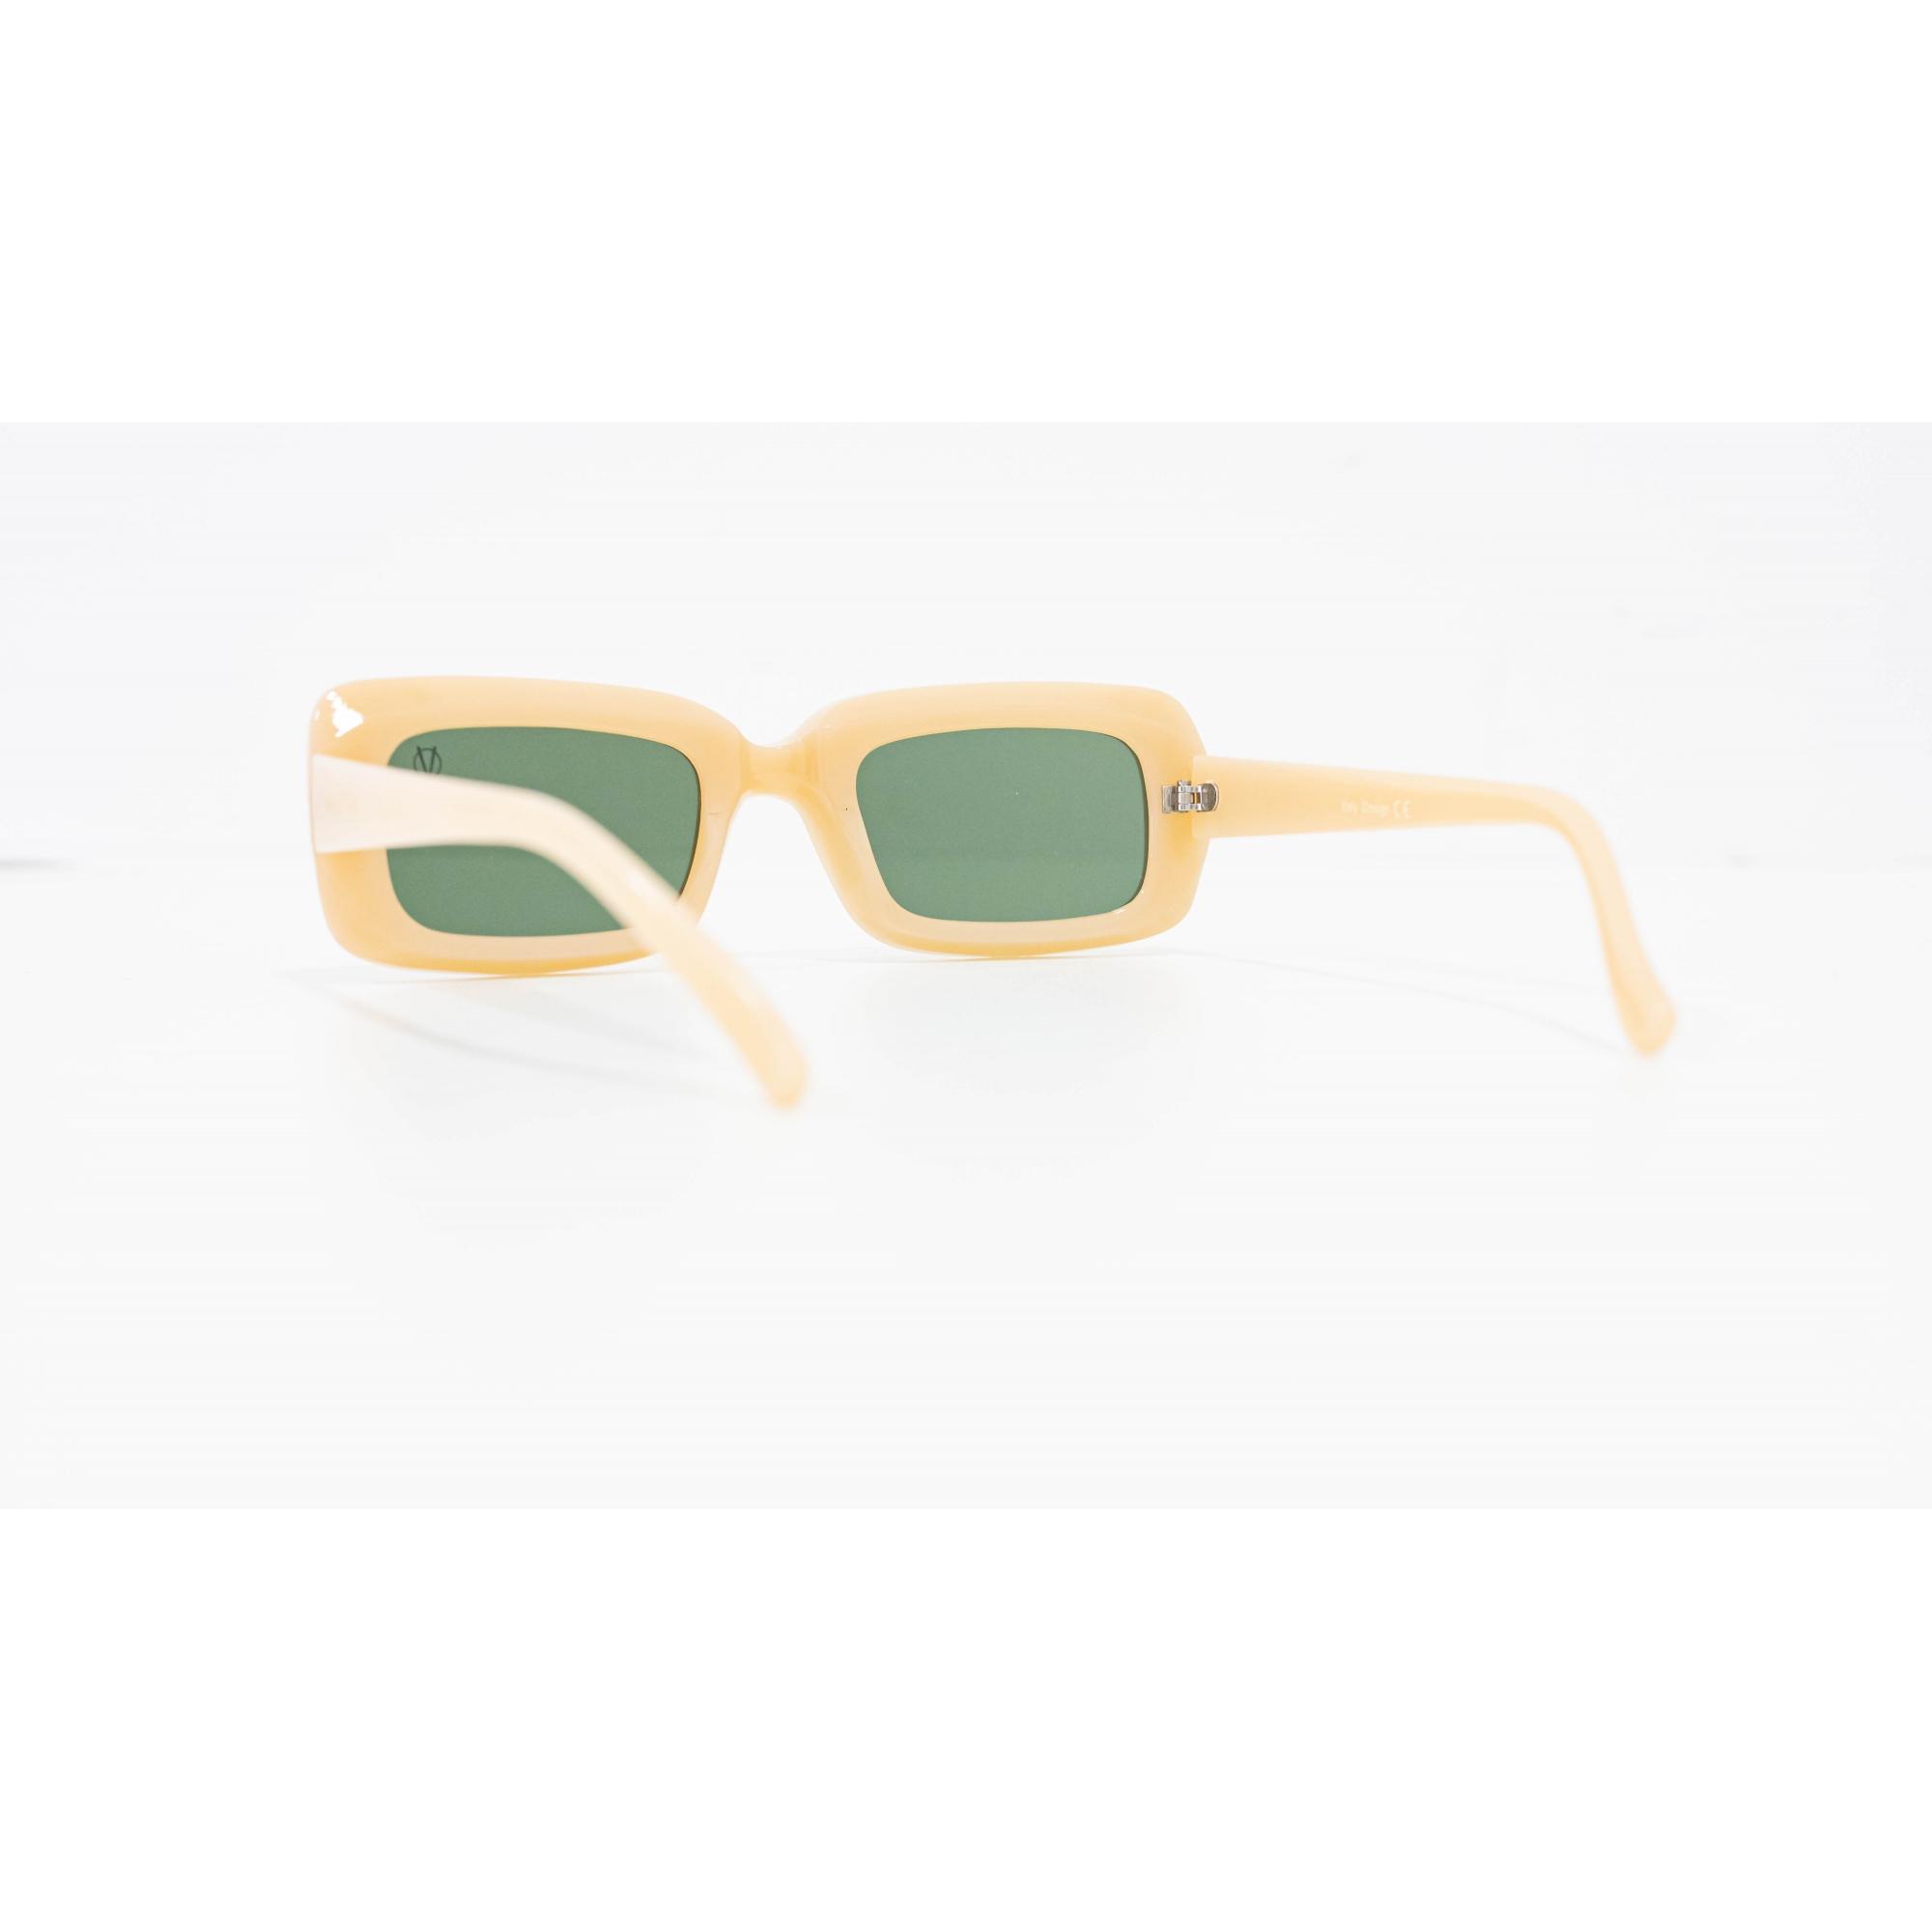 Óculos Vistta Aping Retangular LQ9010 C7 50 Bege